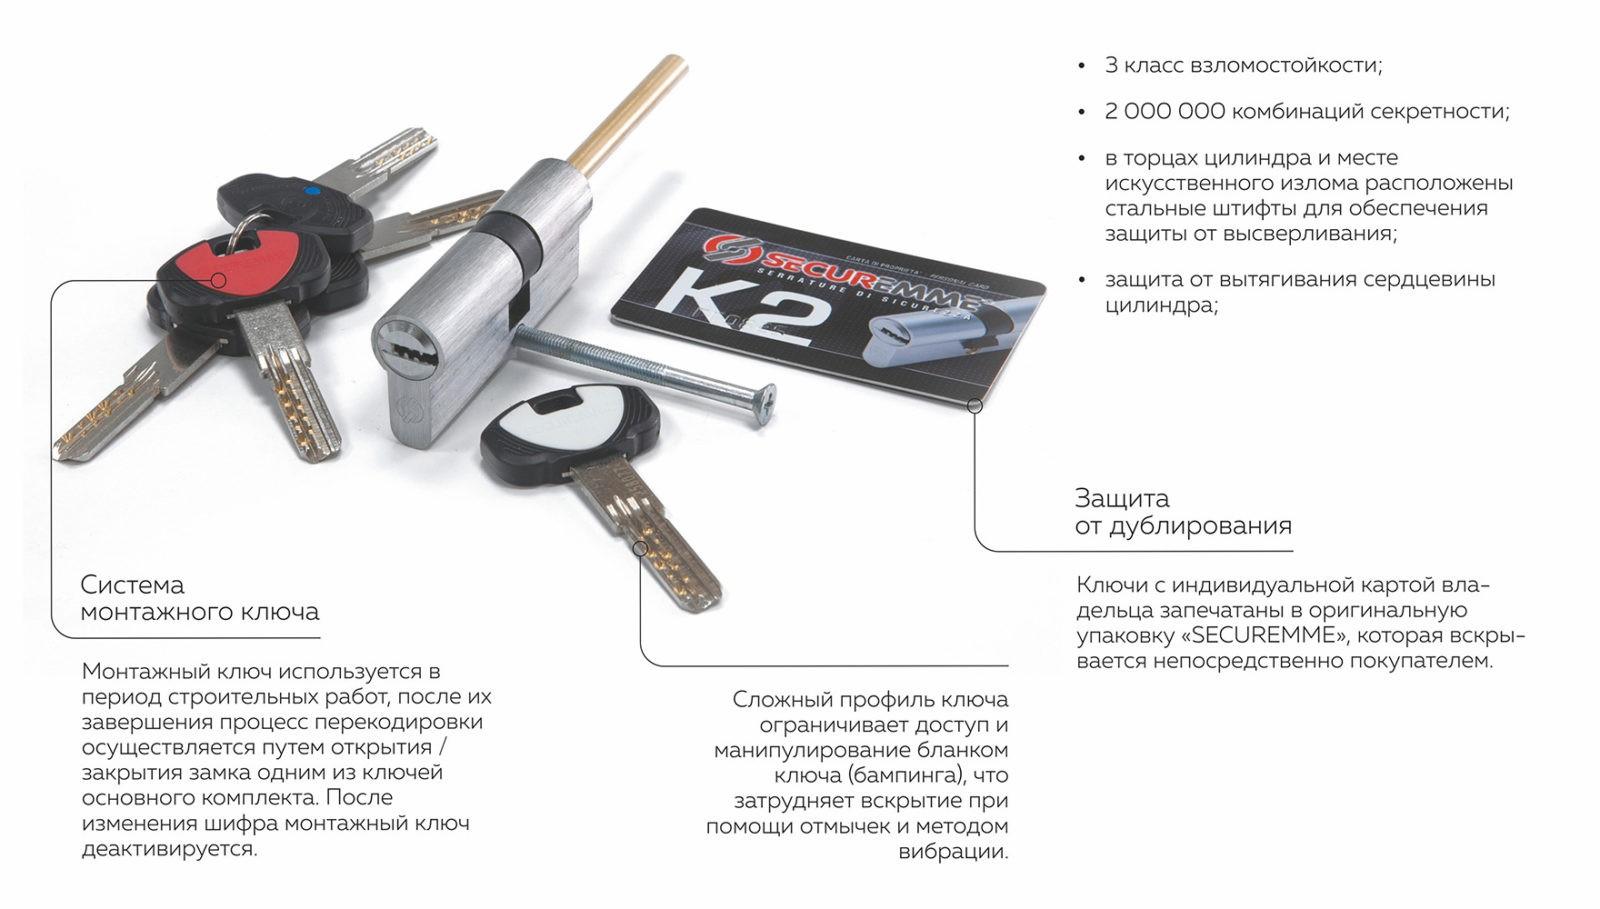 Цилиндр с перекодировкой securemme k2